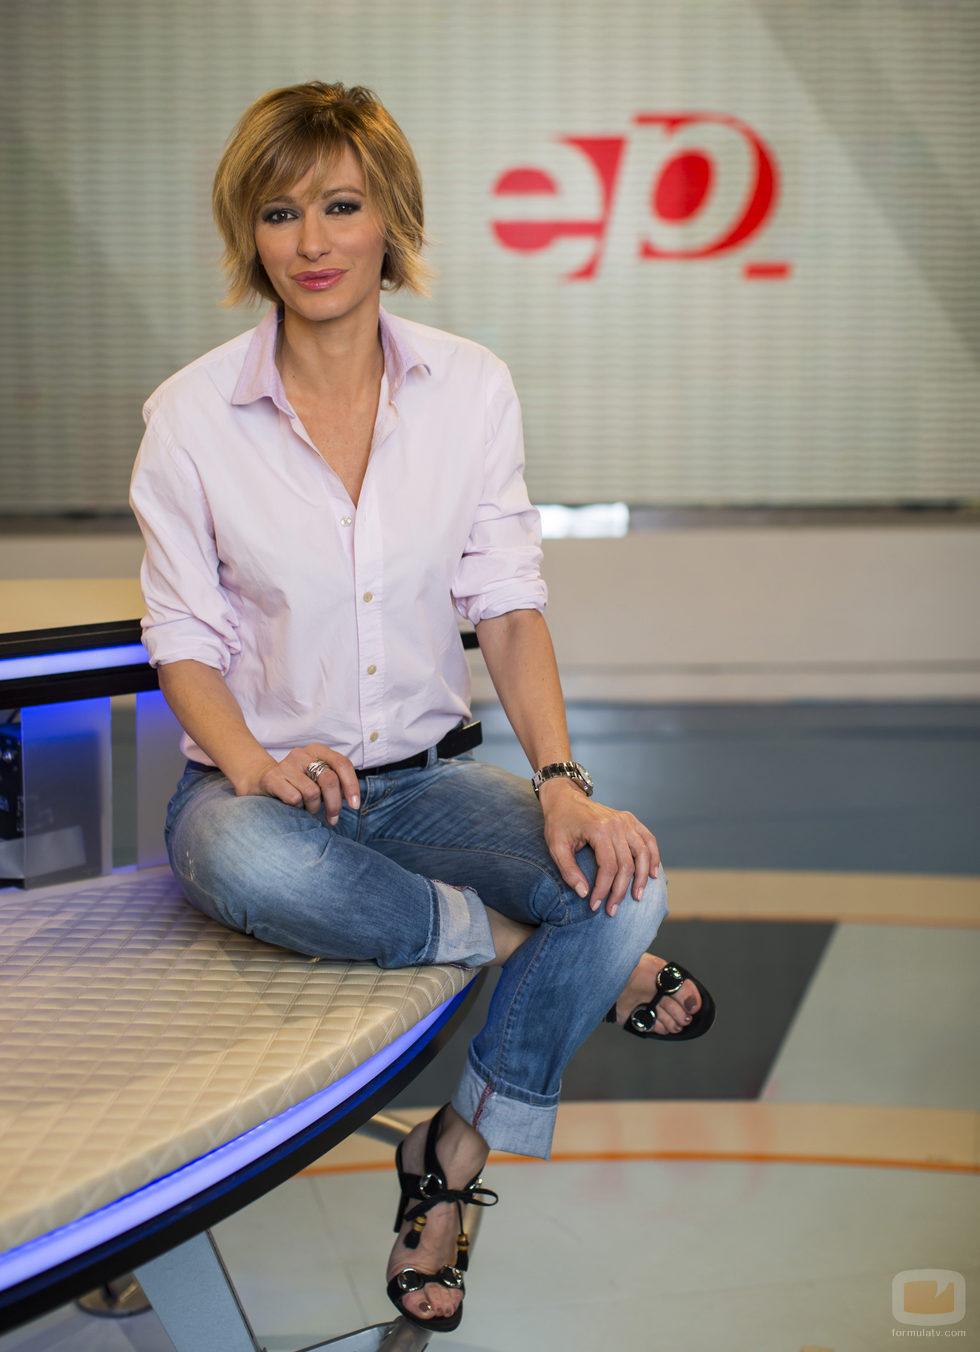 Susanna griso en 39 espejo p blico 39 fotos formulatv for Espejo publico verano